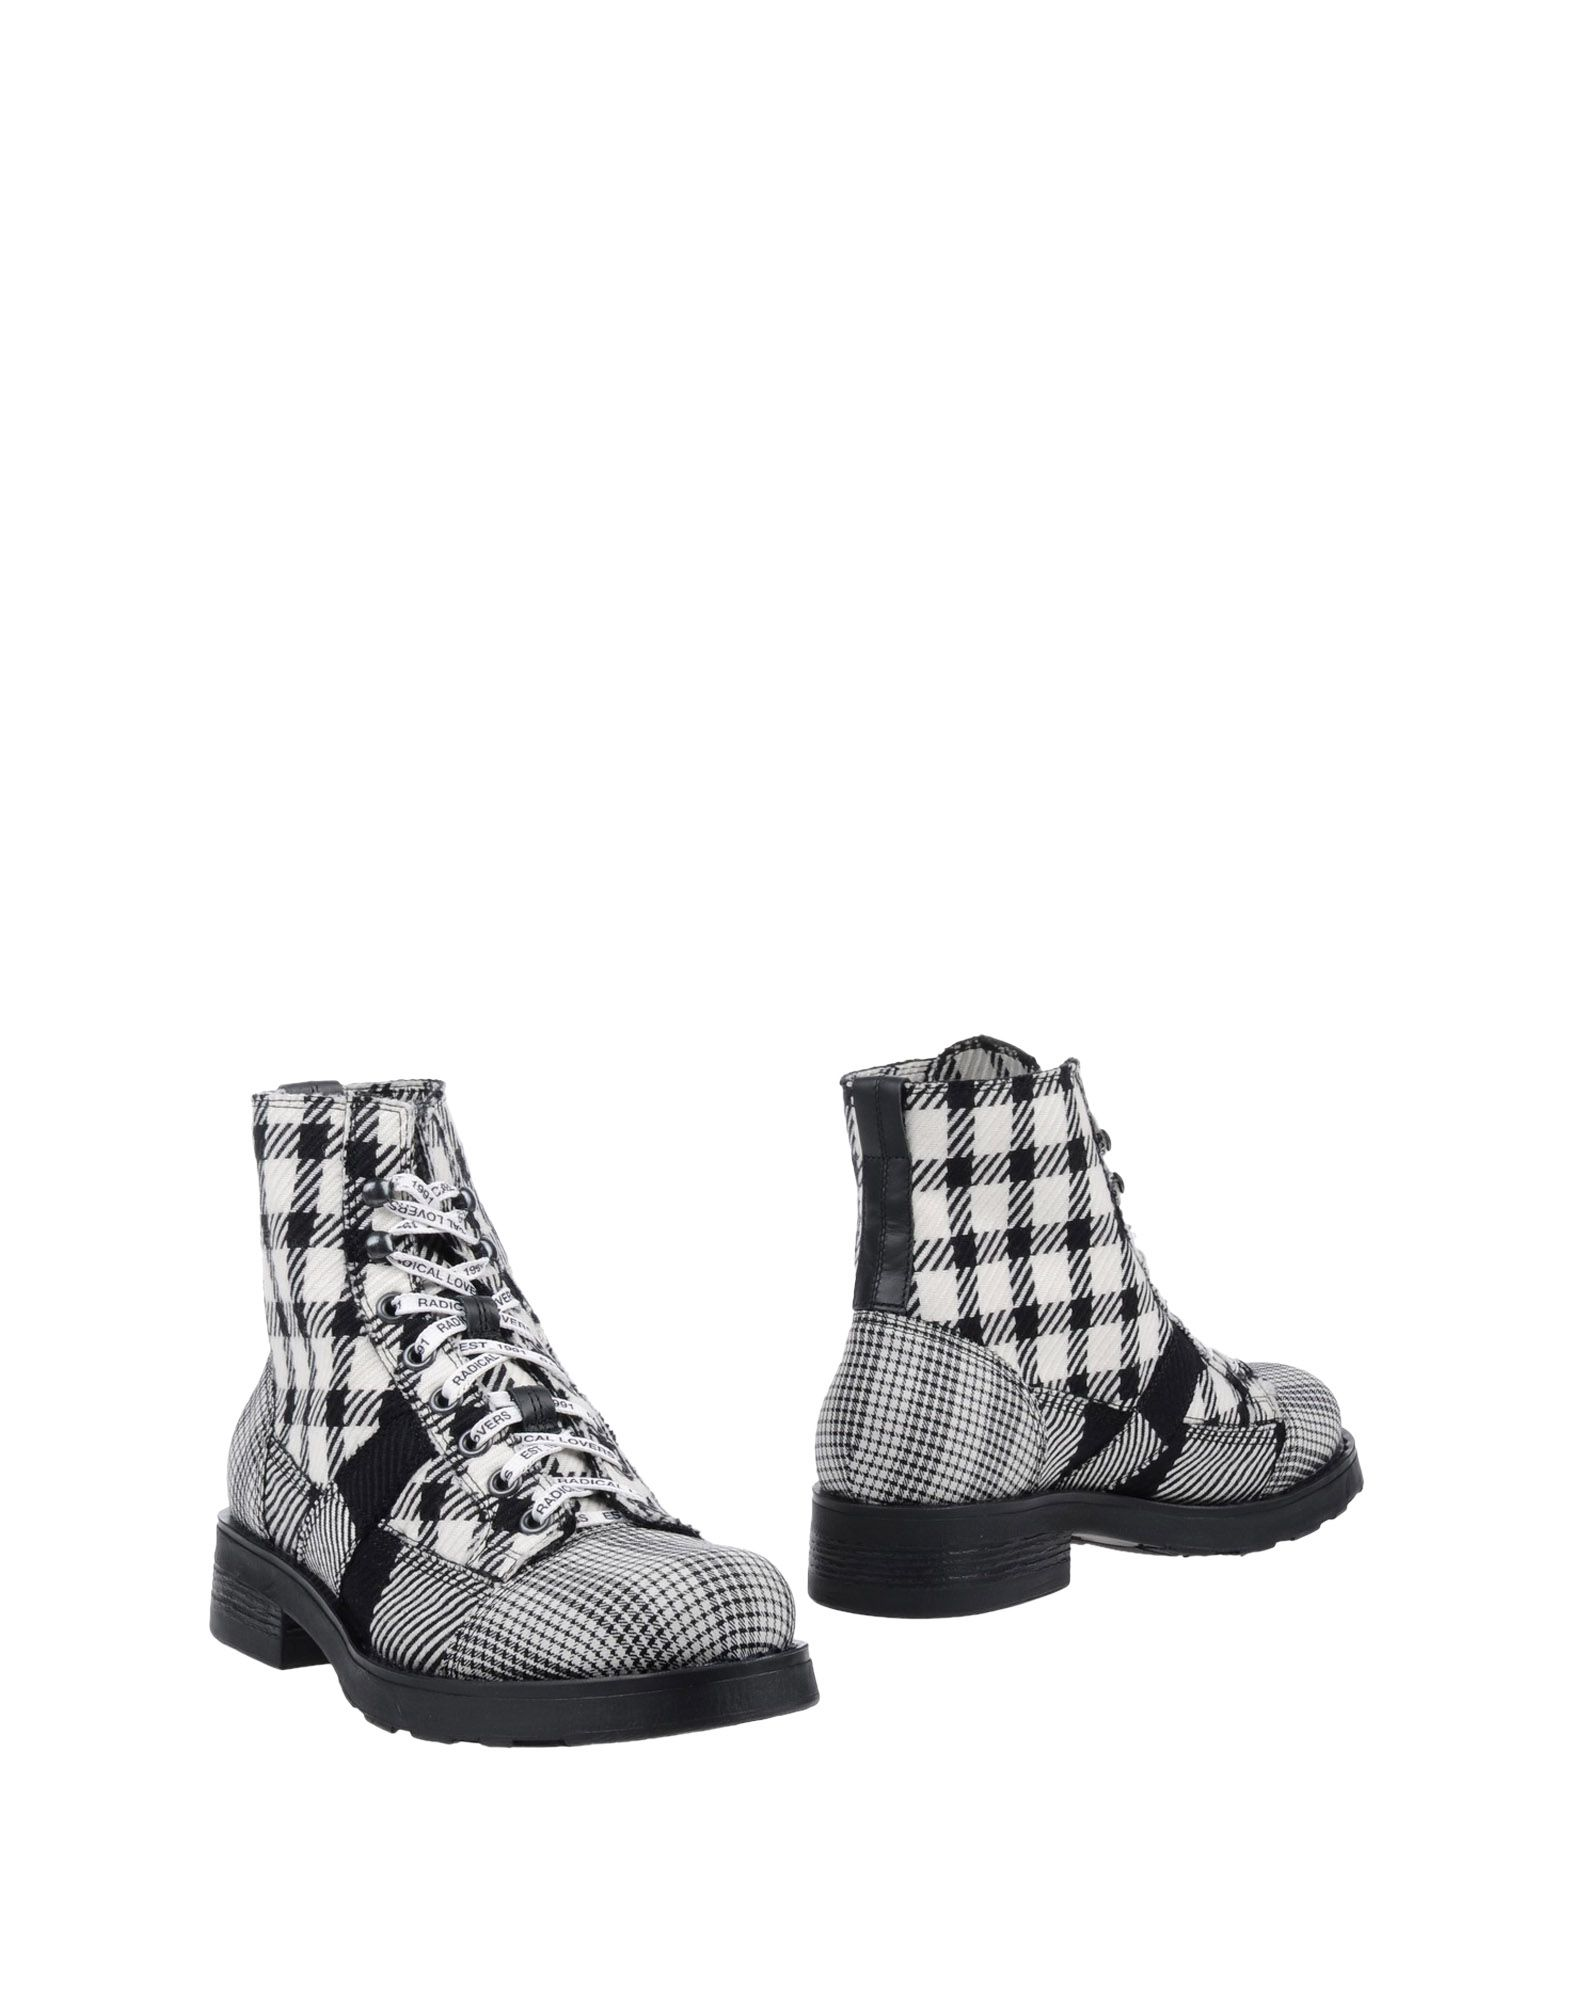 O.X.S. Stiefelette Herren  Schuhe 11457801DH Gute Qualität beliebte Schuhe  8b5507